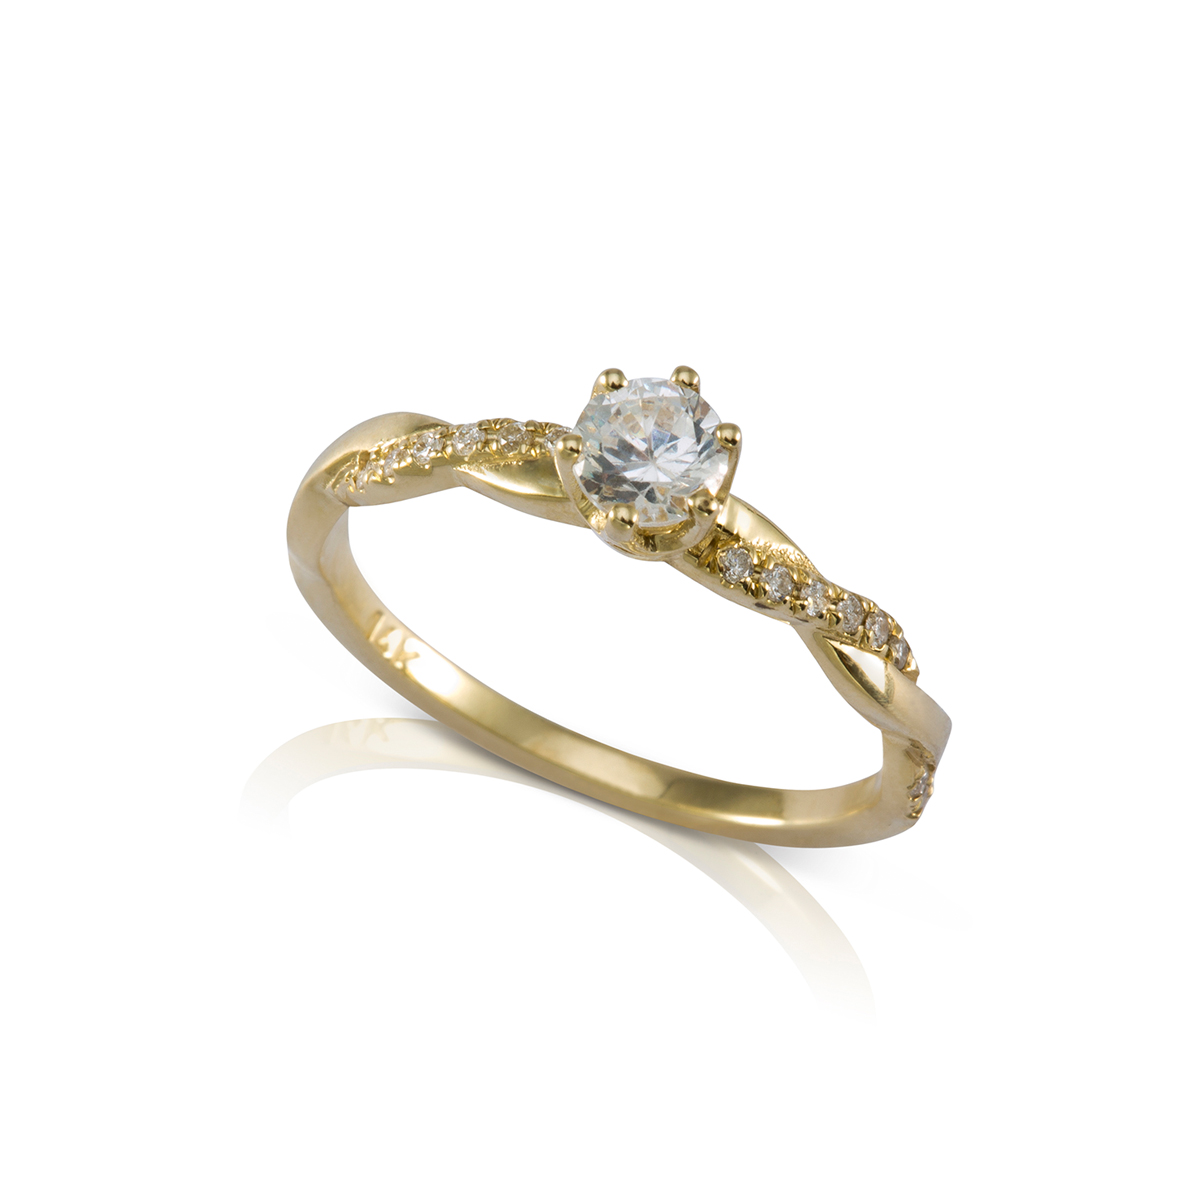 טבעת צמה עם יהלום מרכזי